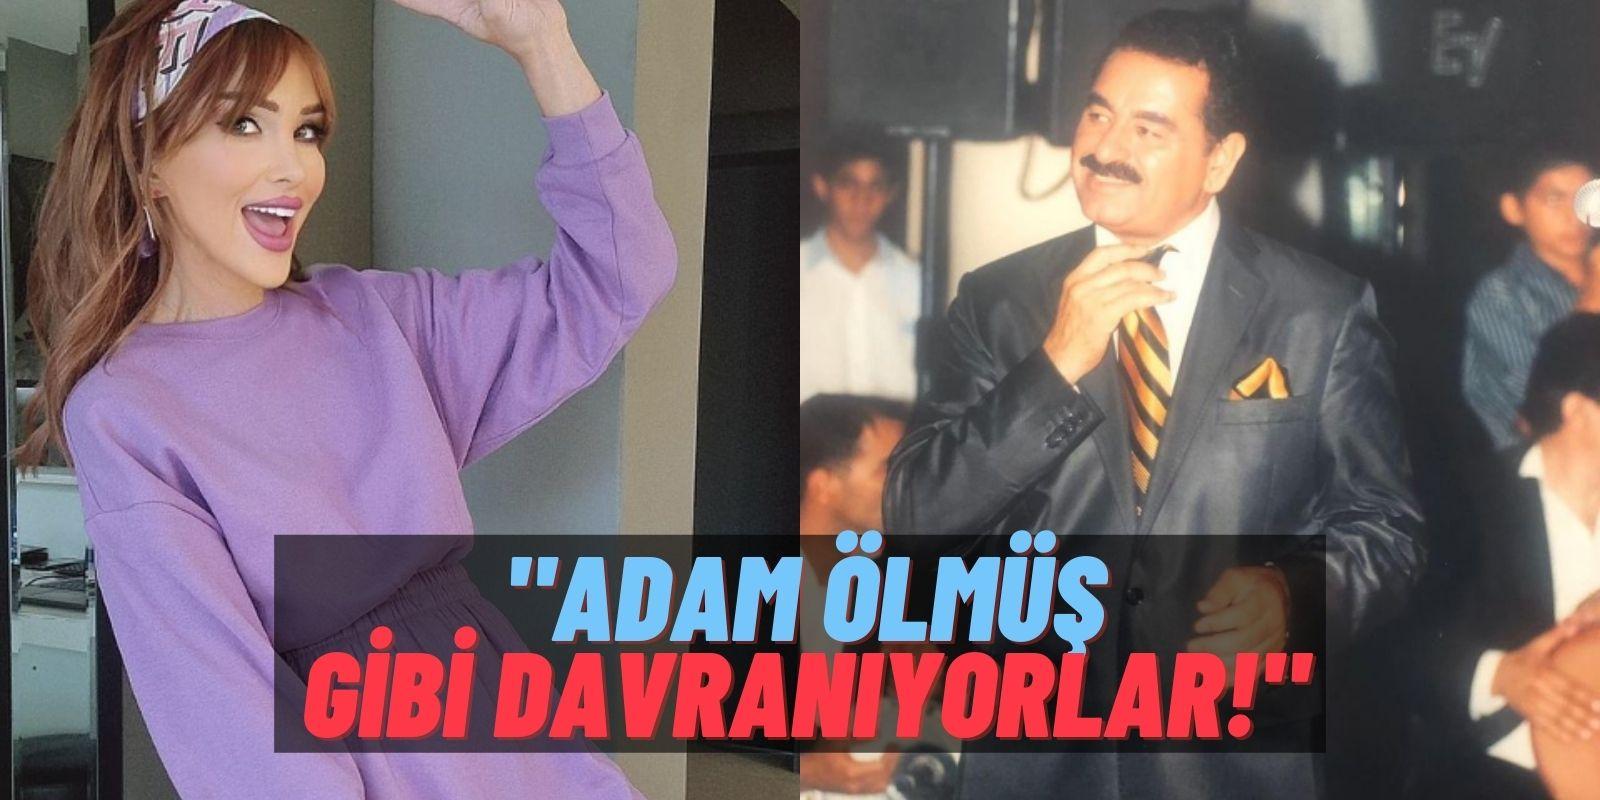 """Magazin Kraliçesi Seren Serengil İbrahim Tatlıses'in Ağlamasına Taktı: """"İmparatorluğunu Elinden Almayın!"""""""